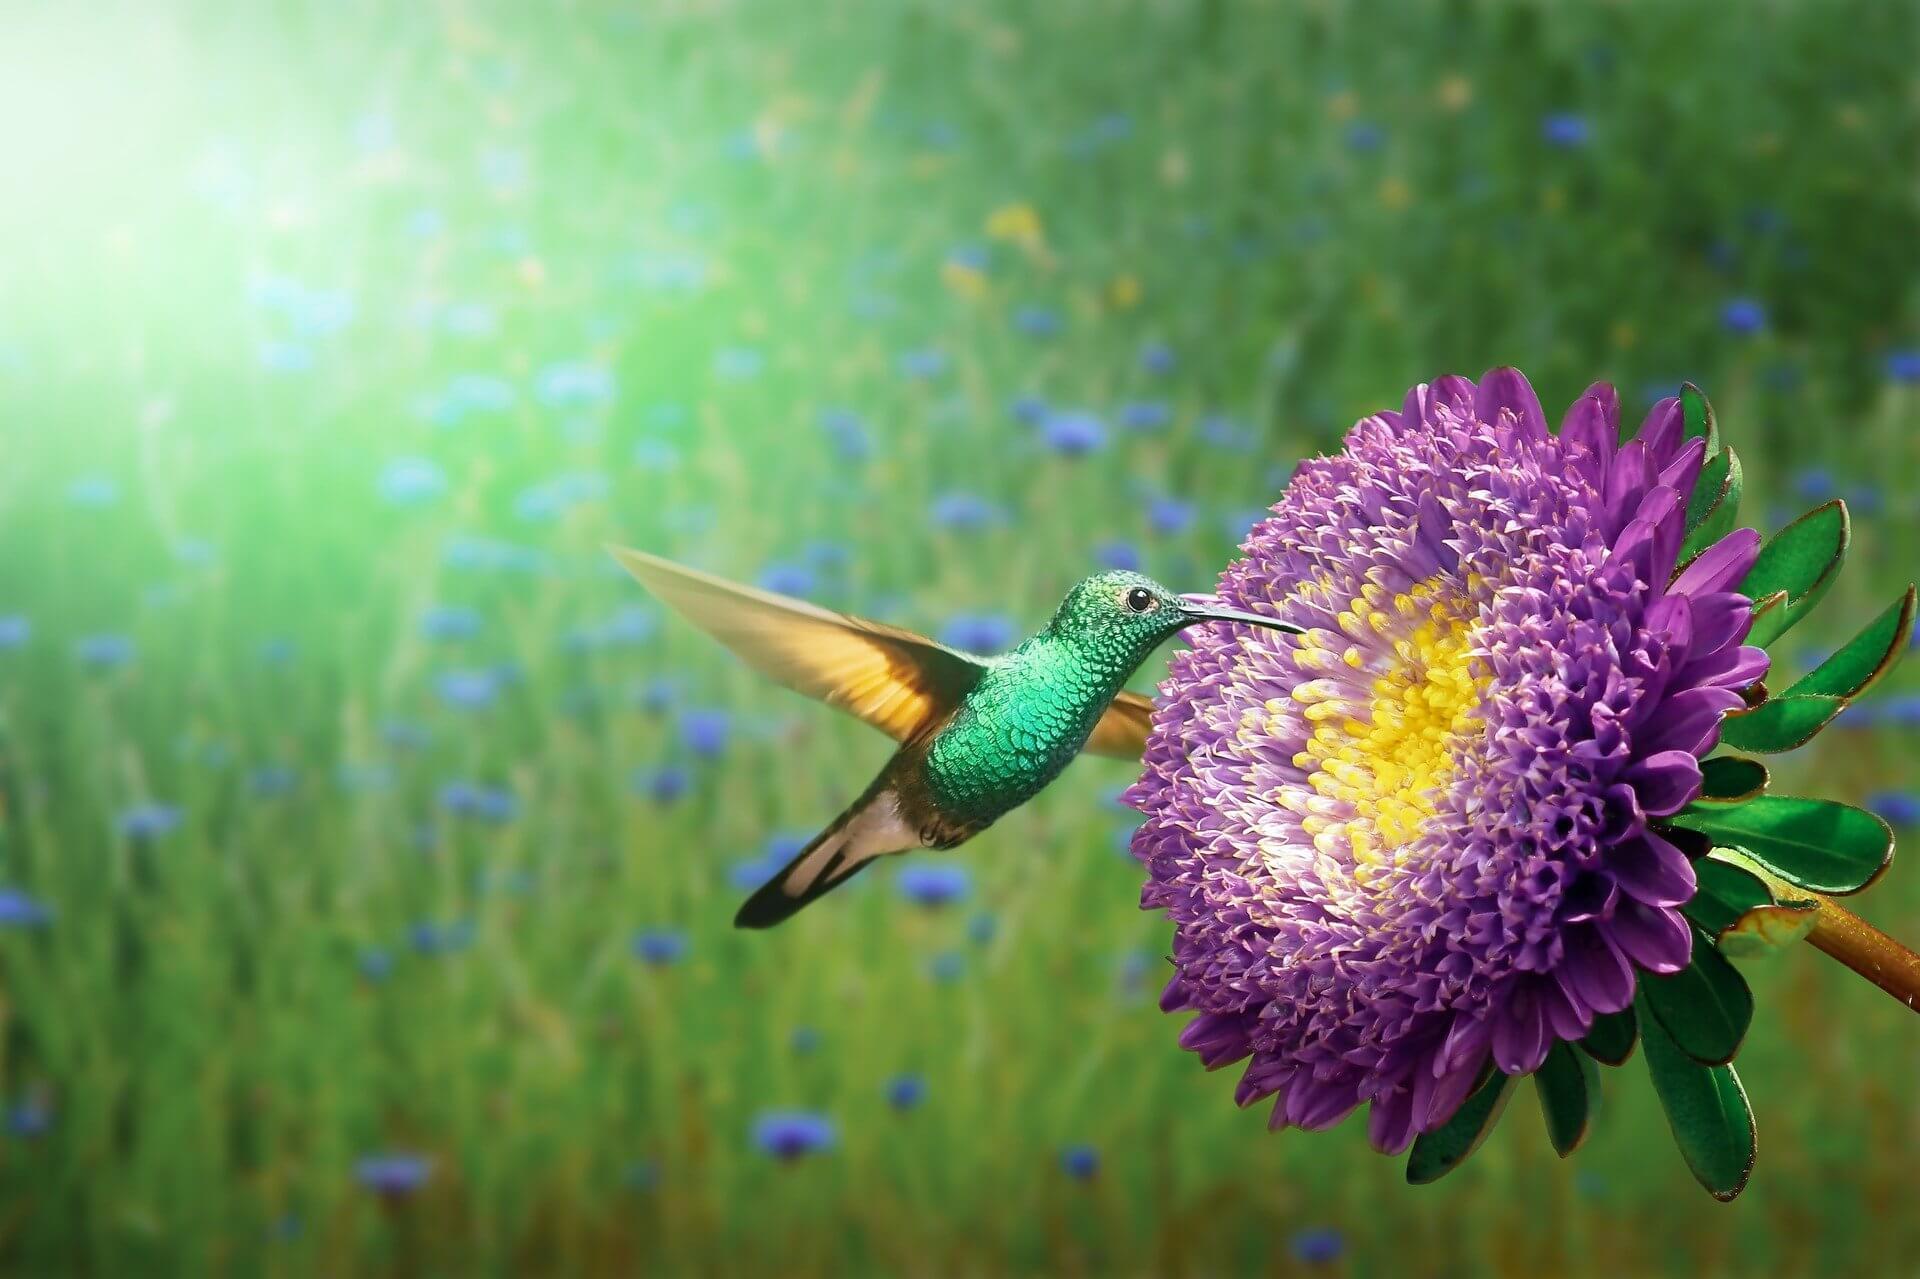 colibrí libando en una flor